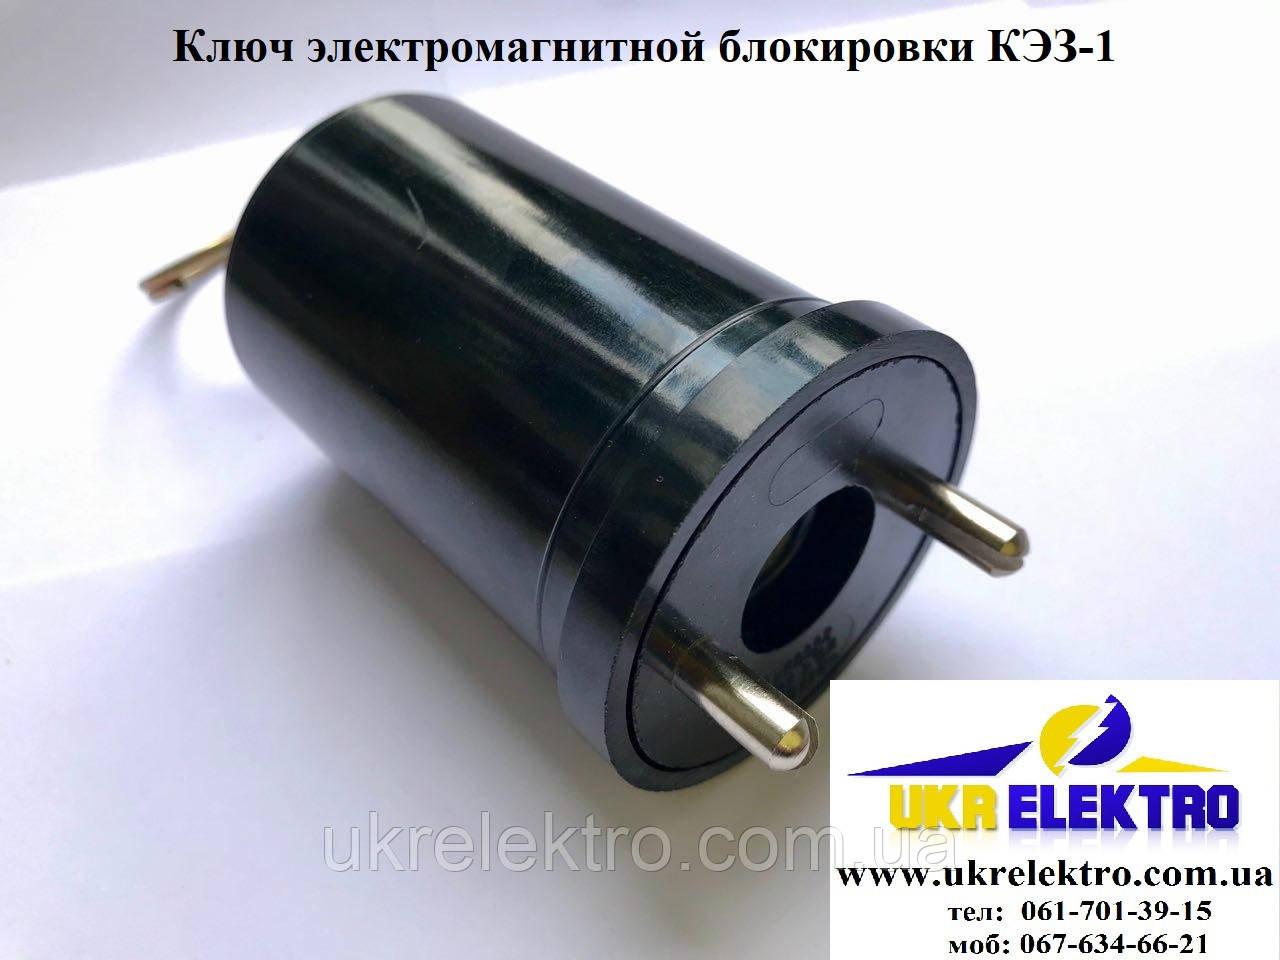 Ключ электромагнитной блокировки КЭЗ-1-24DC-УХЛ3  КЕЗ - 1 24В.